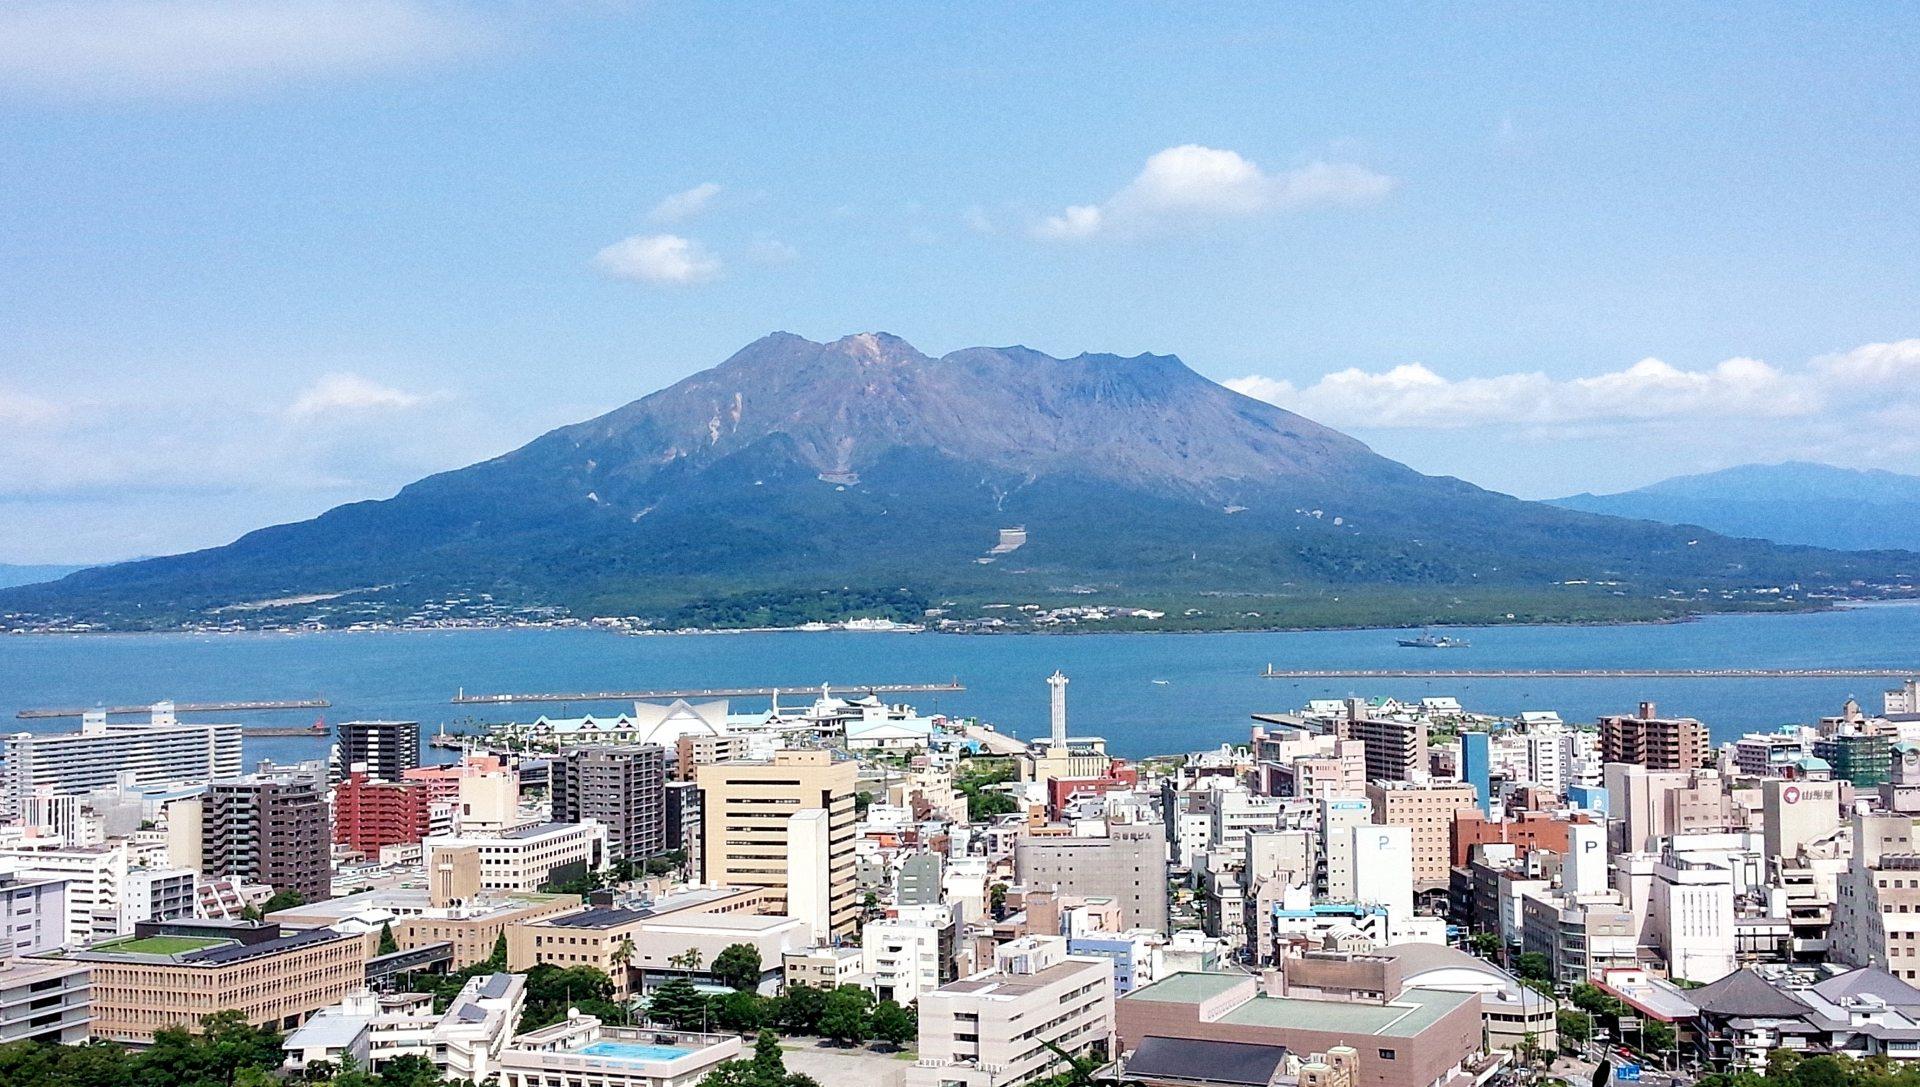 鹿児島市、スケールを狙うスタートアップを対象に、事業創造支援プログラム「KagoshimaStartupBirthProject」を開催